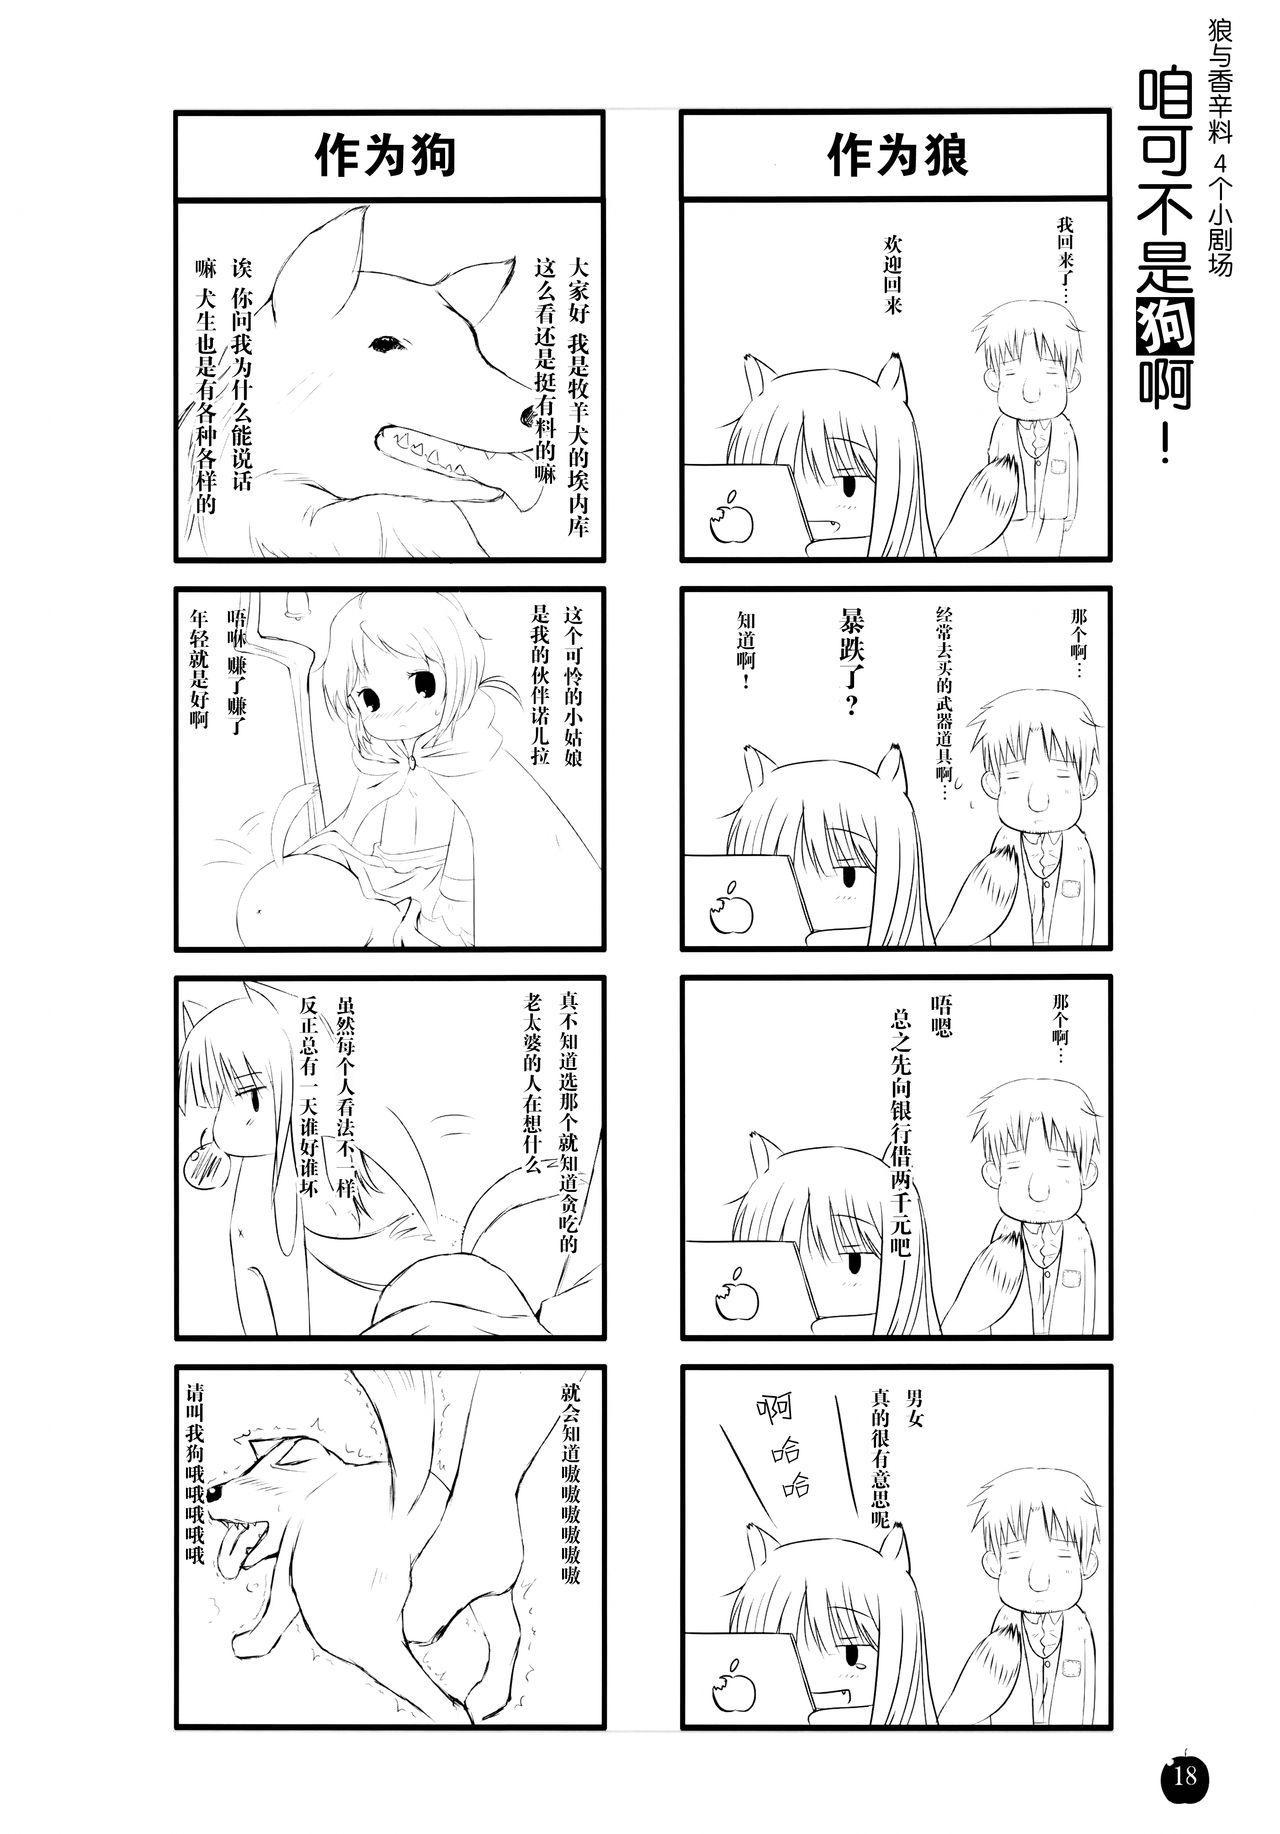 Amairo no Kimi o Aisu 17